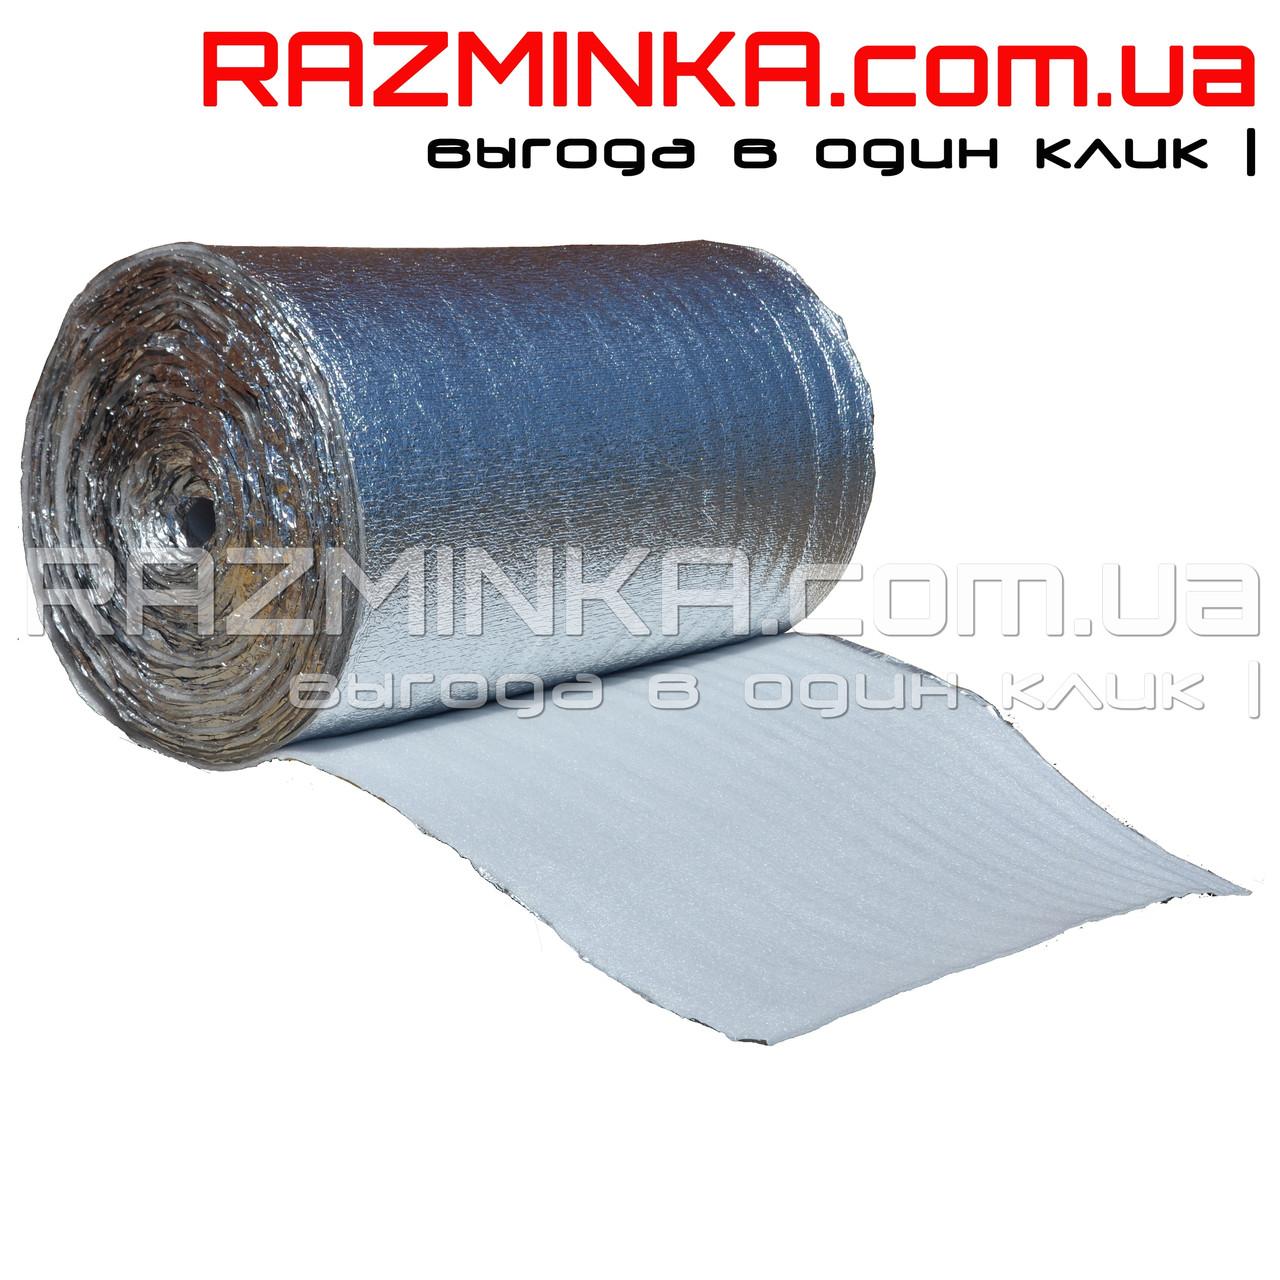 Вспененный полиэтилен фольгированный 2мм (50м2)